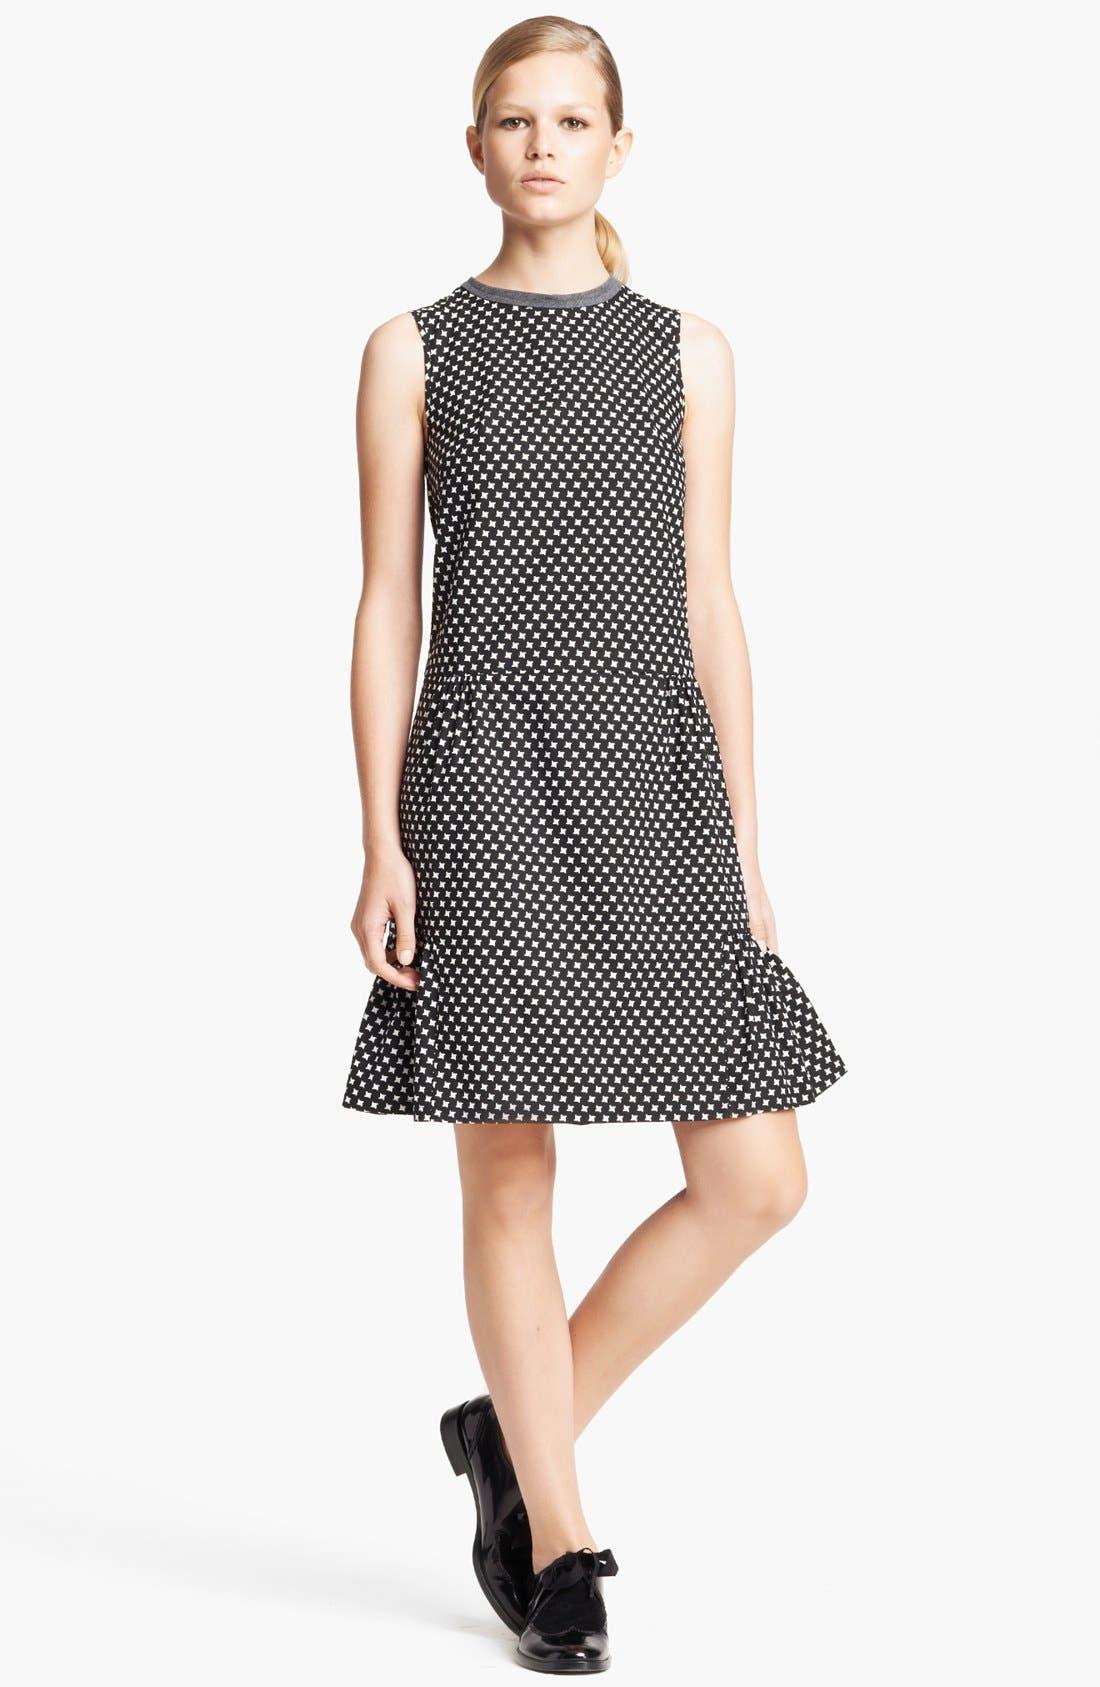 Alternate Image 1 Selected - Marni Houndstooth Print Full Skirt Dress